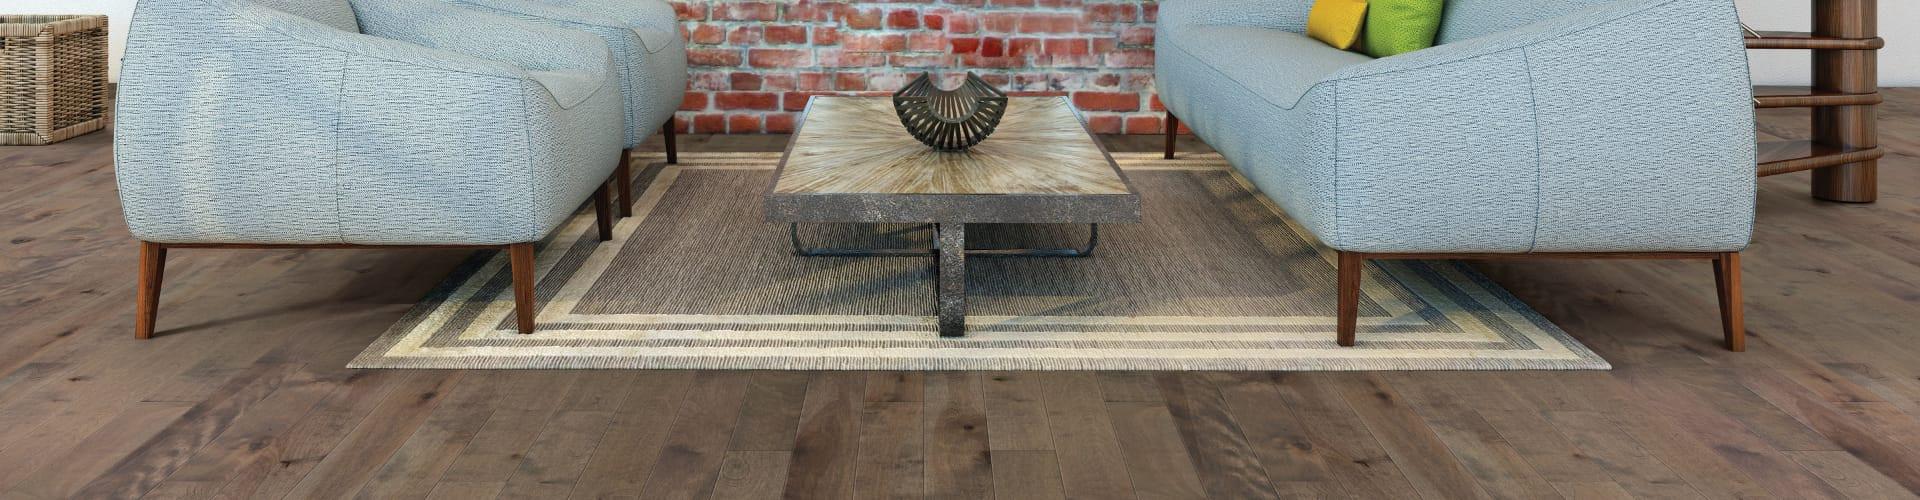 kraus hardwood flooring reviews of hardwood kraus flooring in premium hardwood